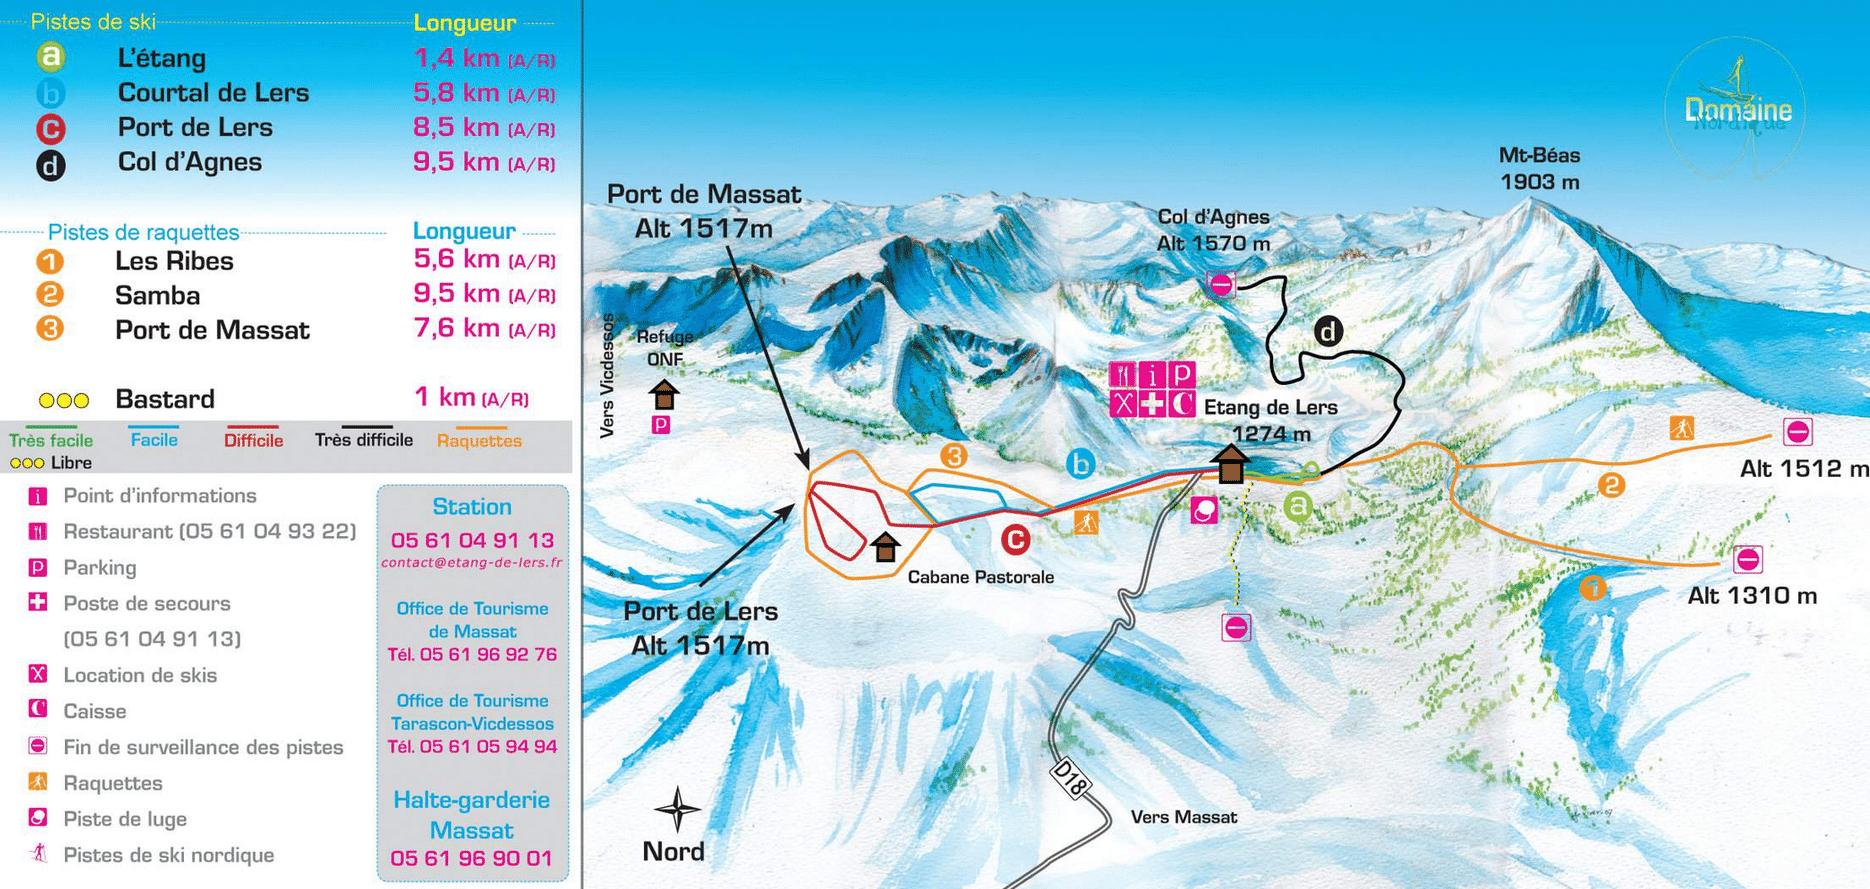 Etang de Lers - Plan des pistes de ski de fond